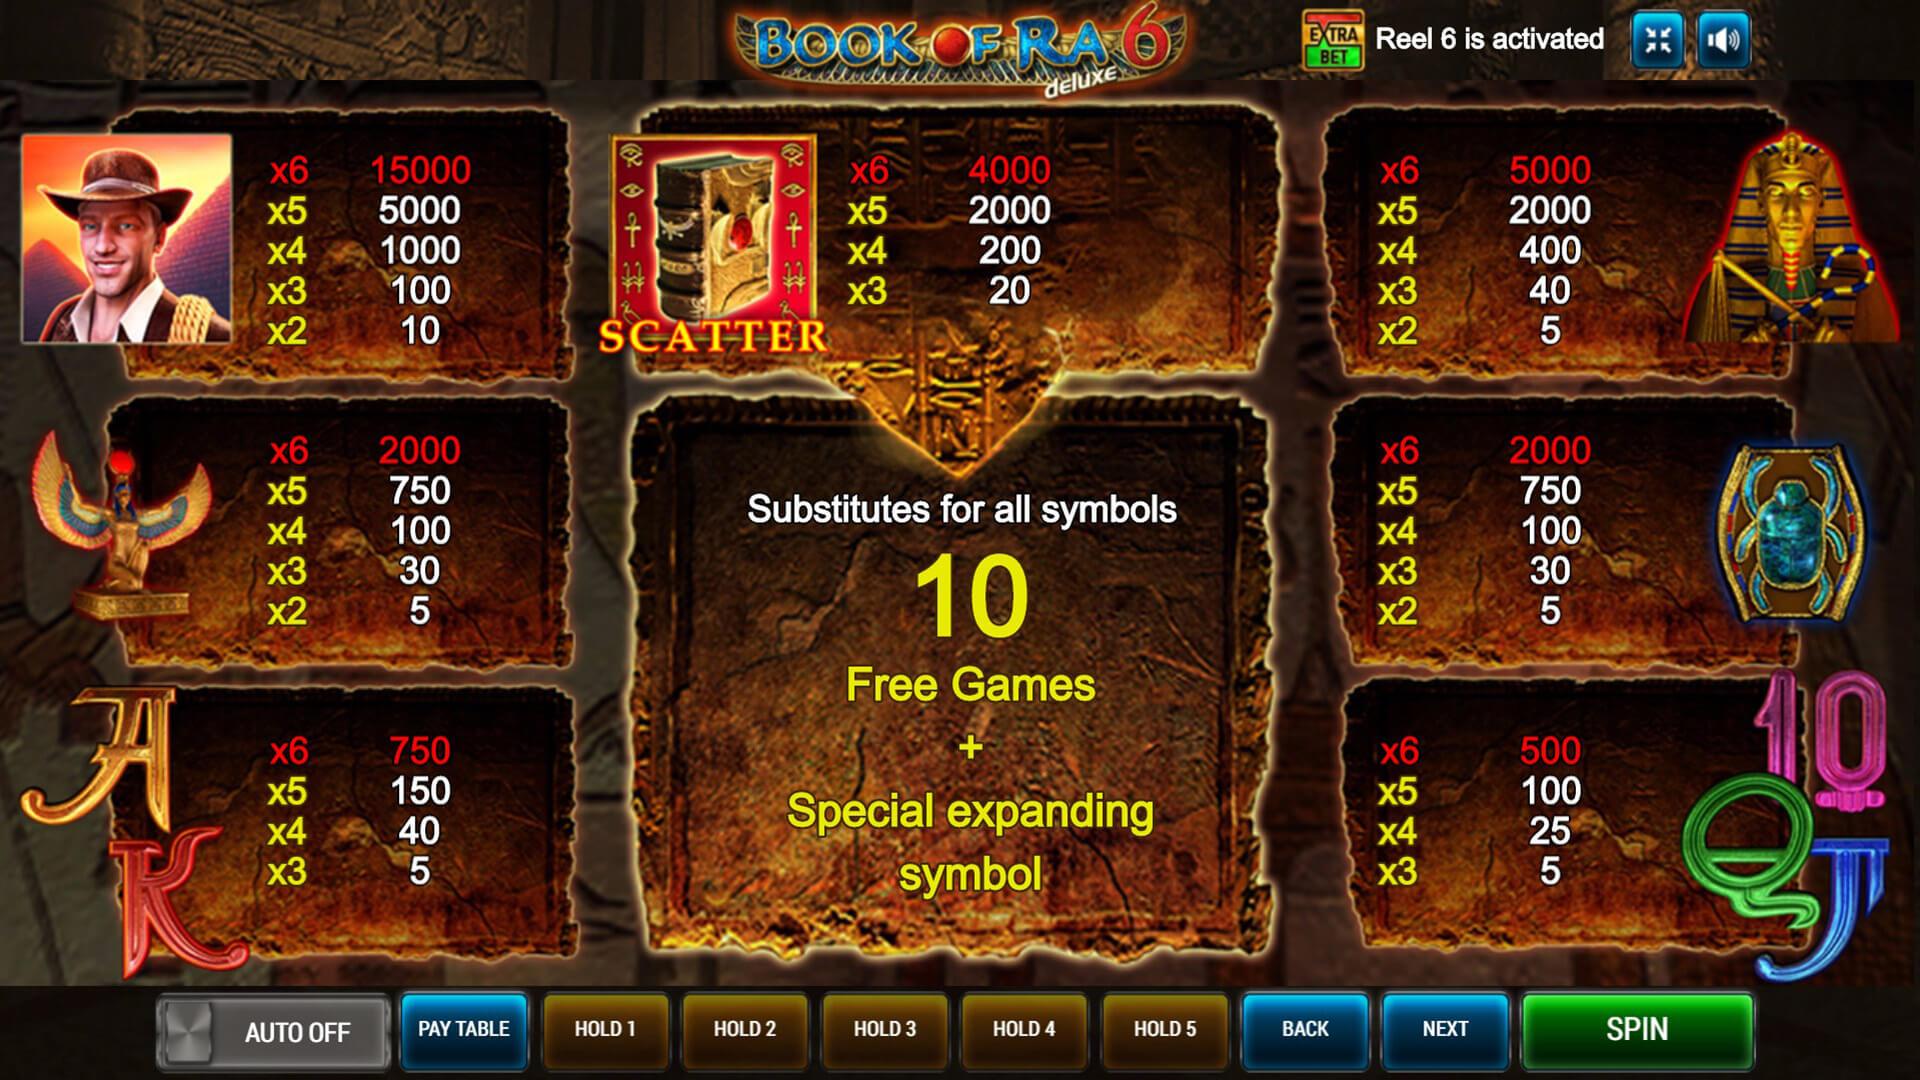 Изображение игрового автомата Book of Ra Deluxe 6 3